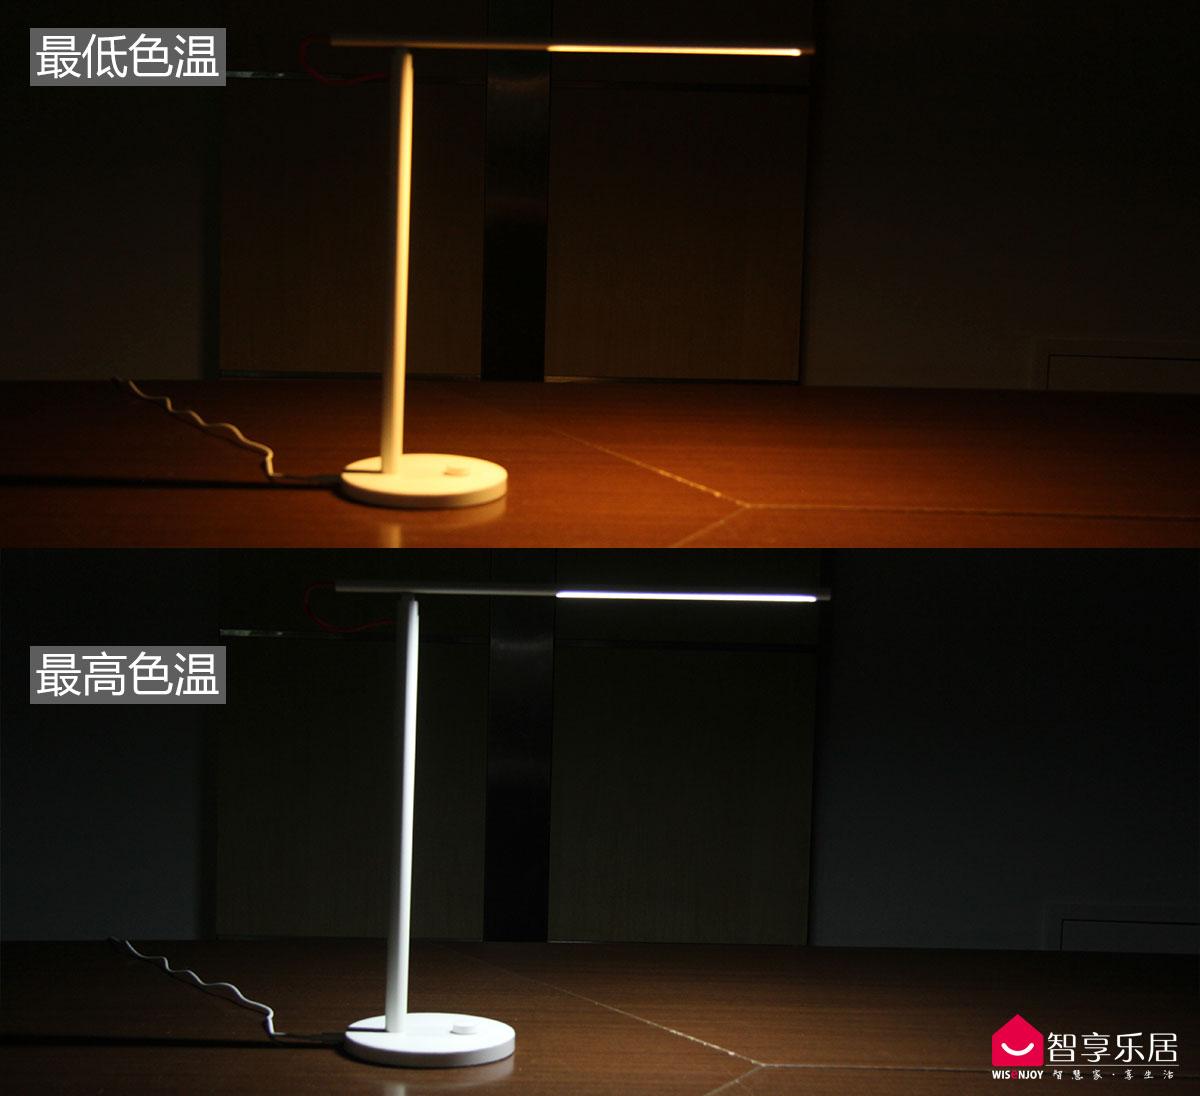 米家台灯色温效果图对比